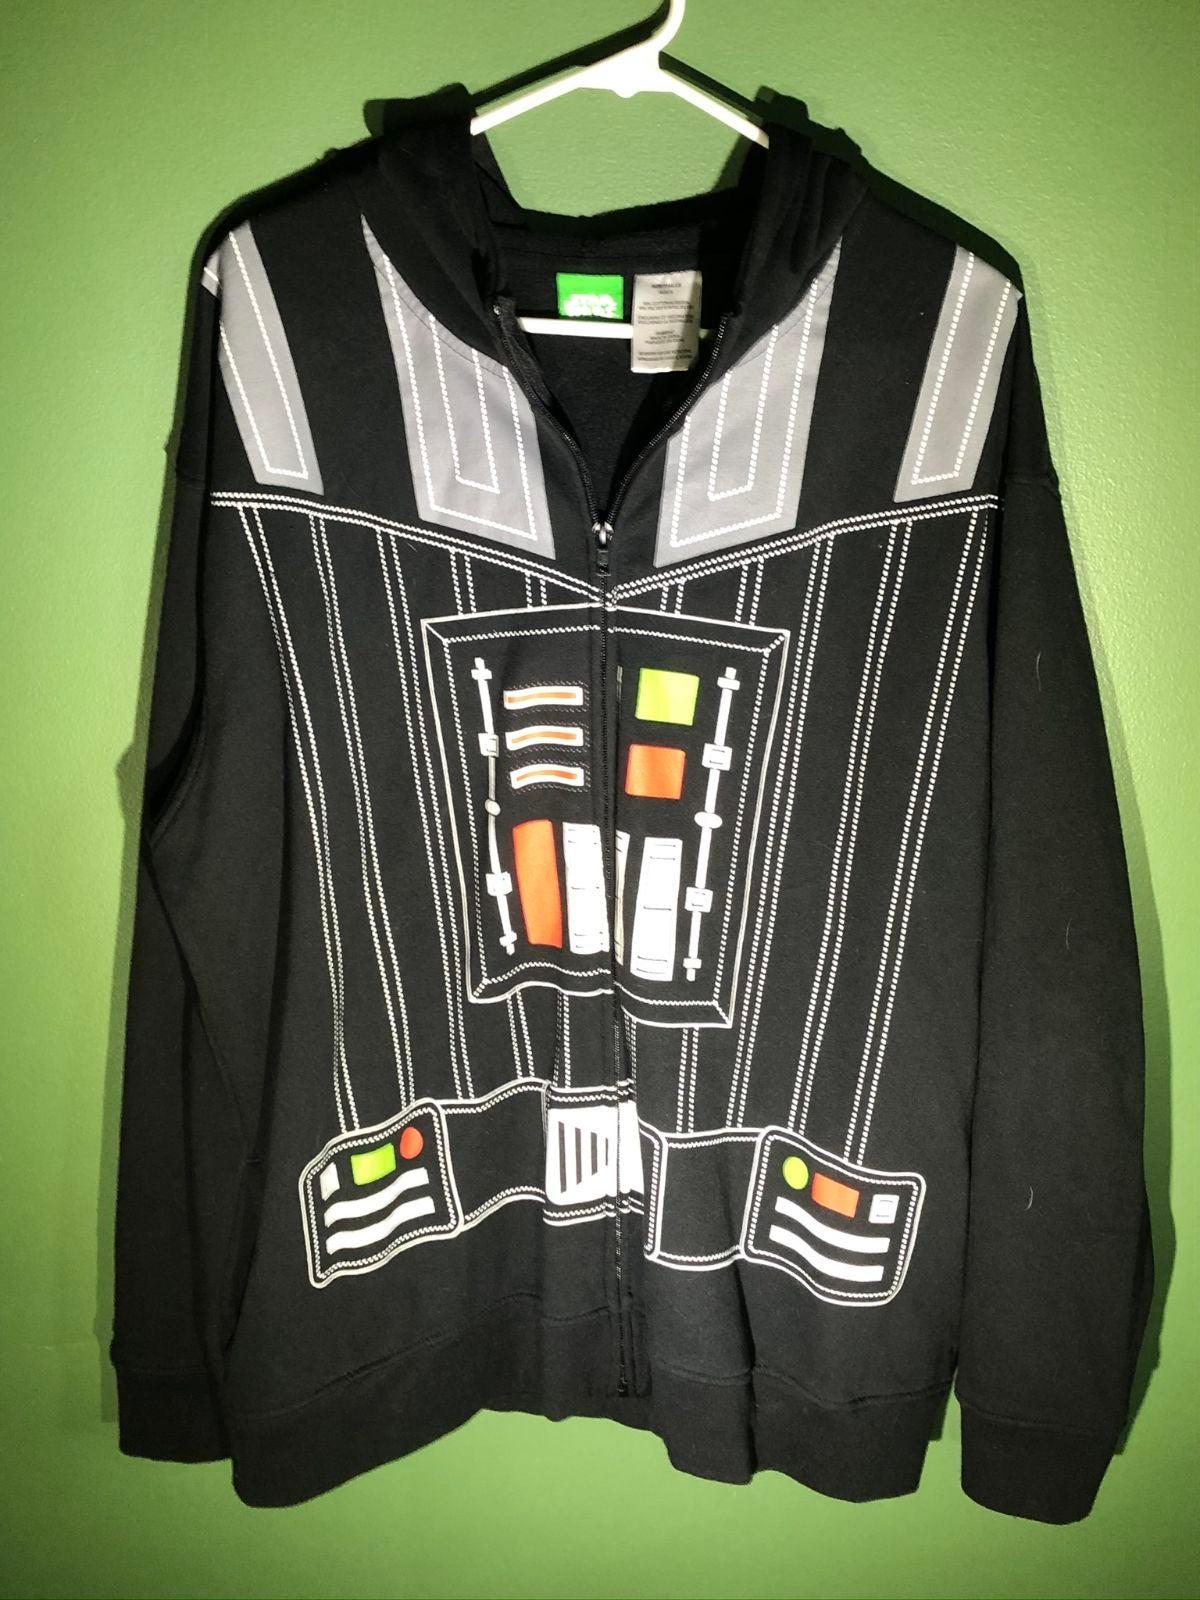 Star Wars Darth Vader Zip Up Hoodie